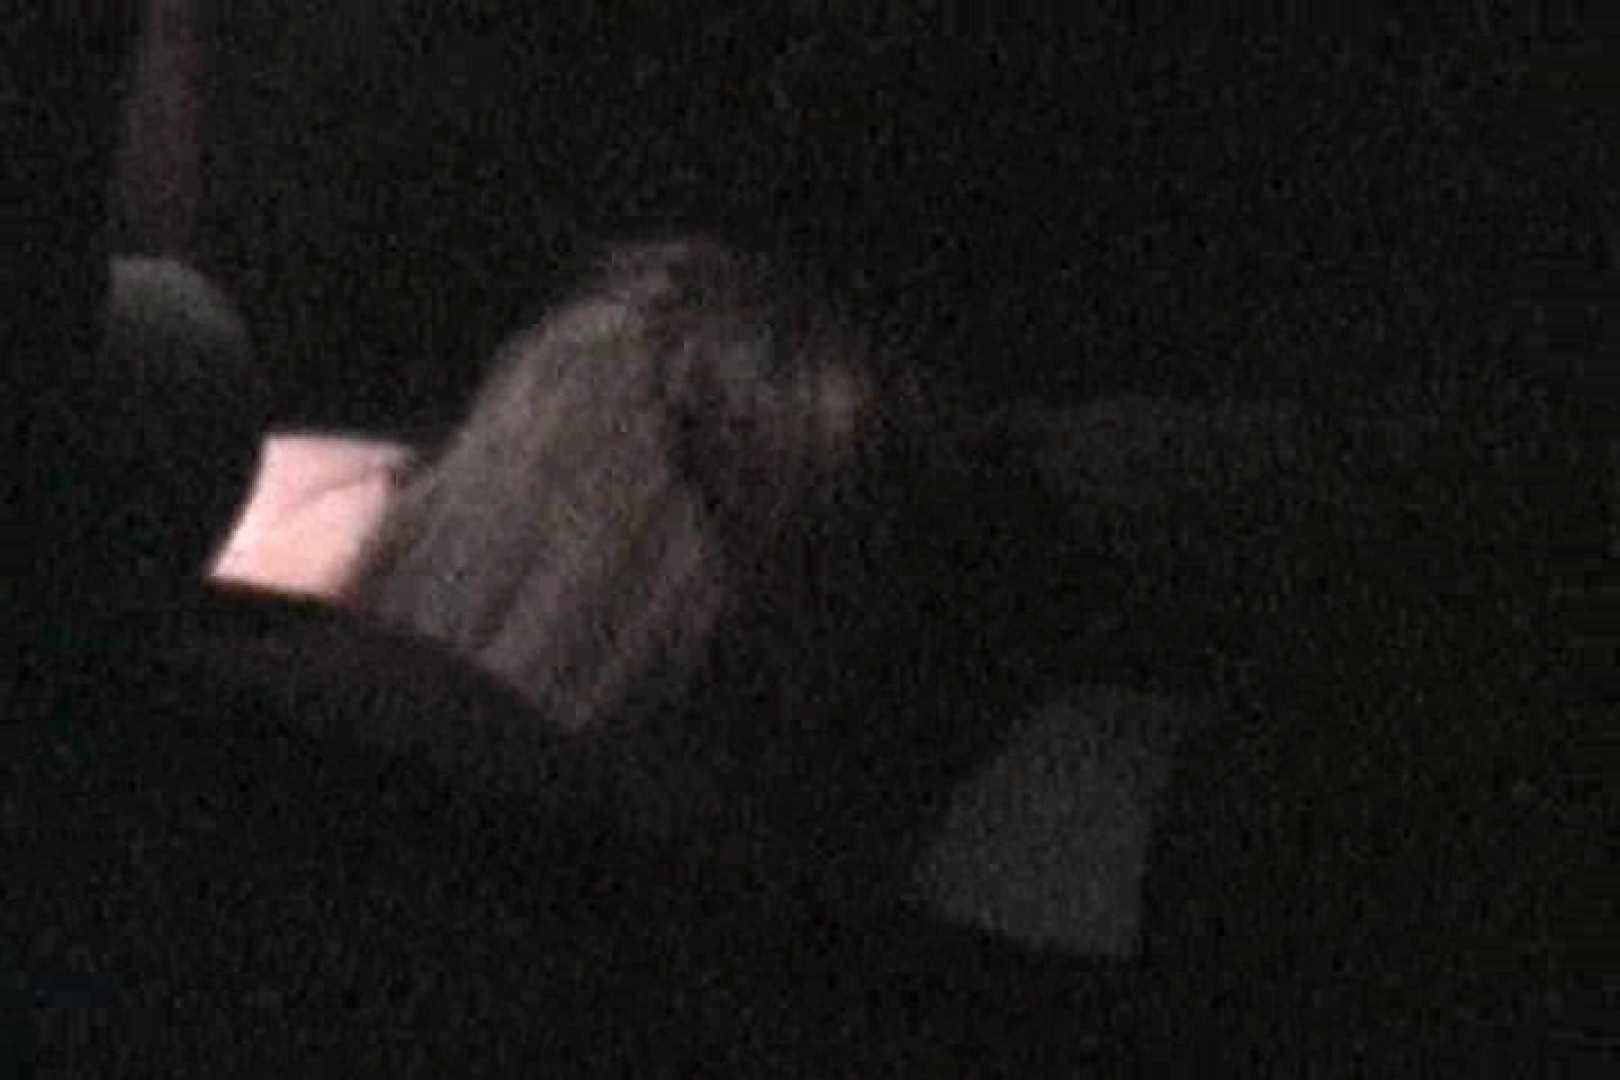 充血監督の深夜の運動会Vol.8 美しいOLの裸体 | おっぱい  75pic 4